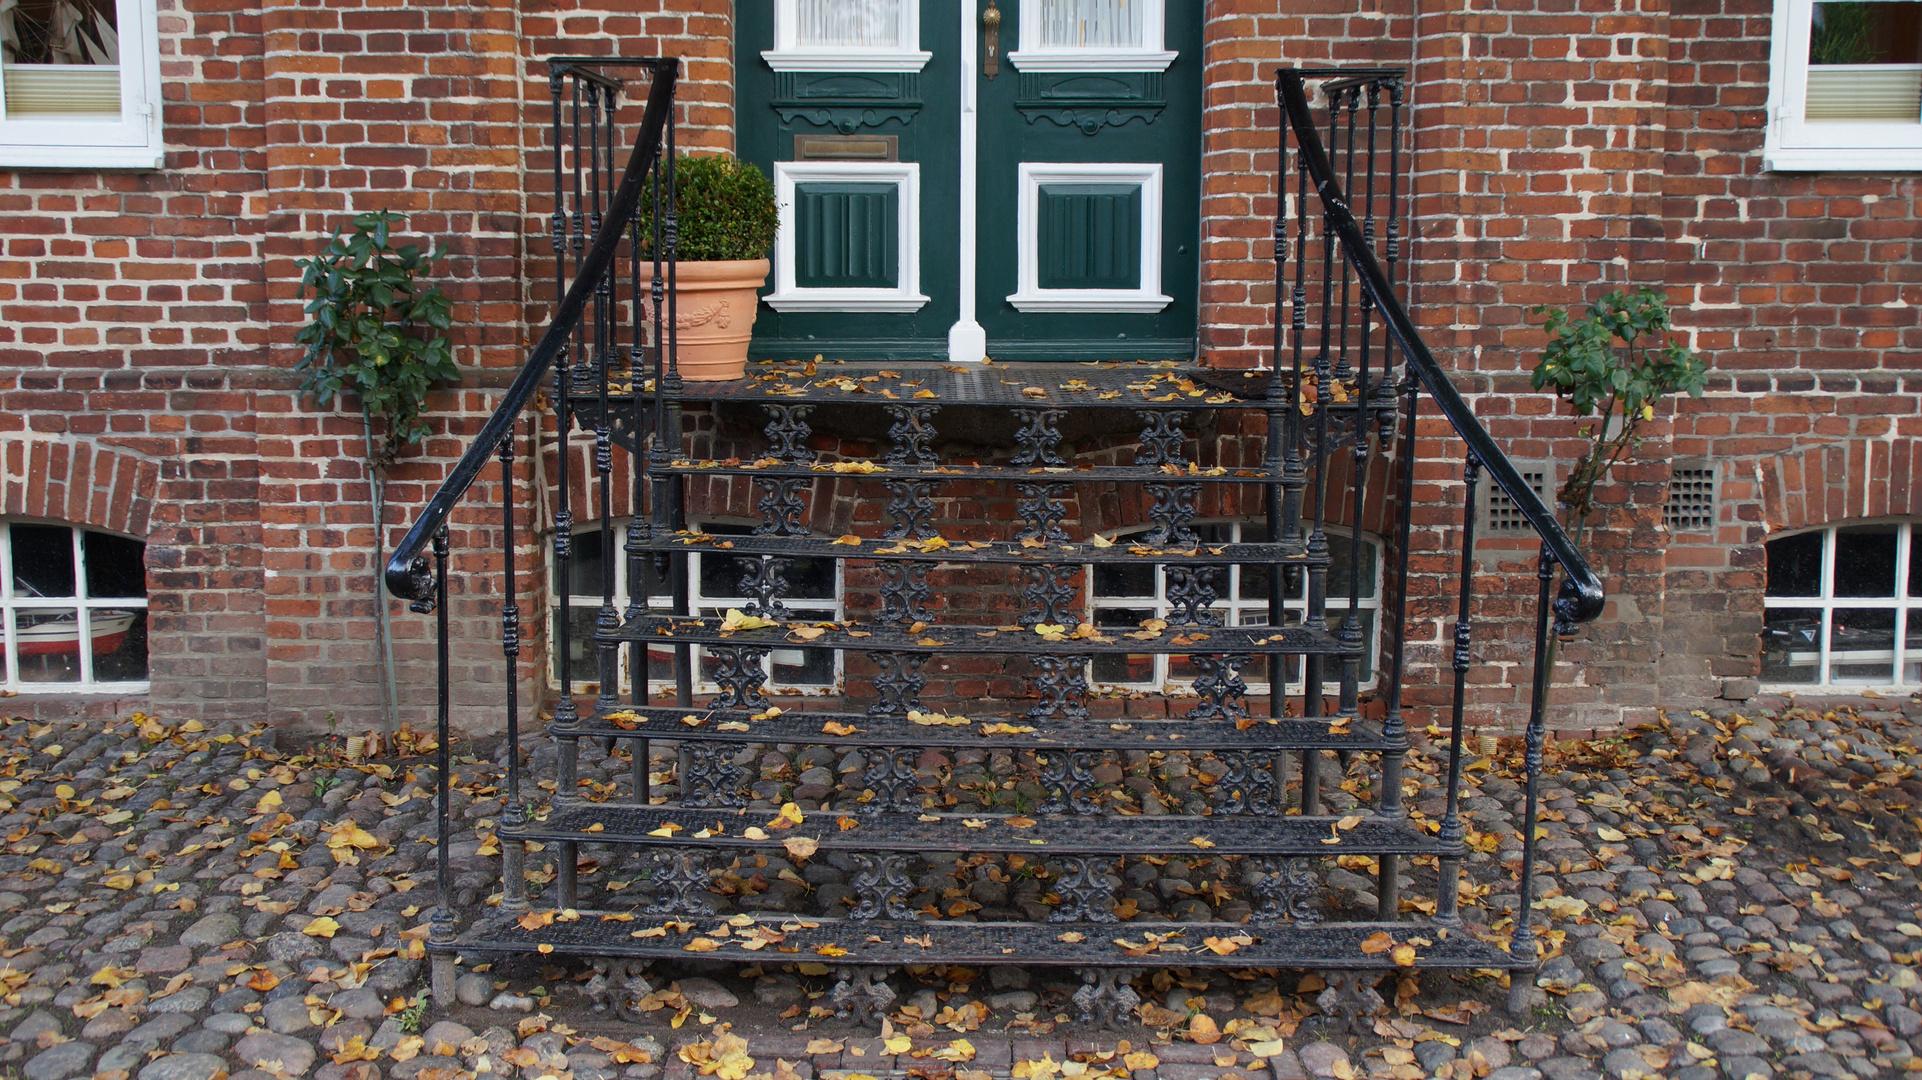 Gusseiserne Treppe